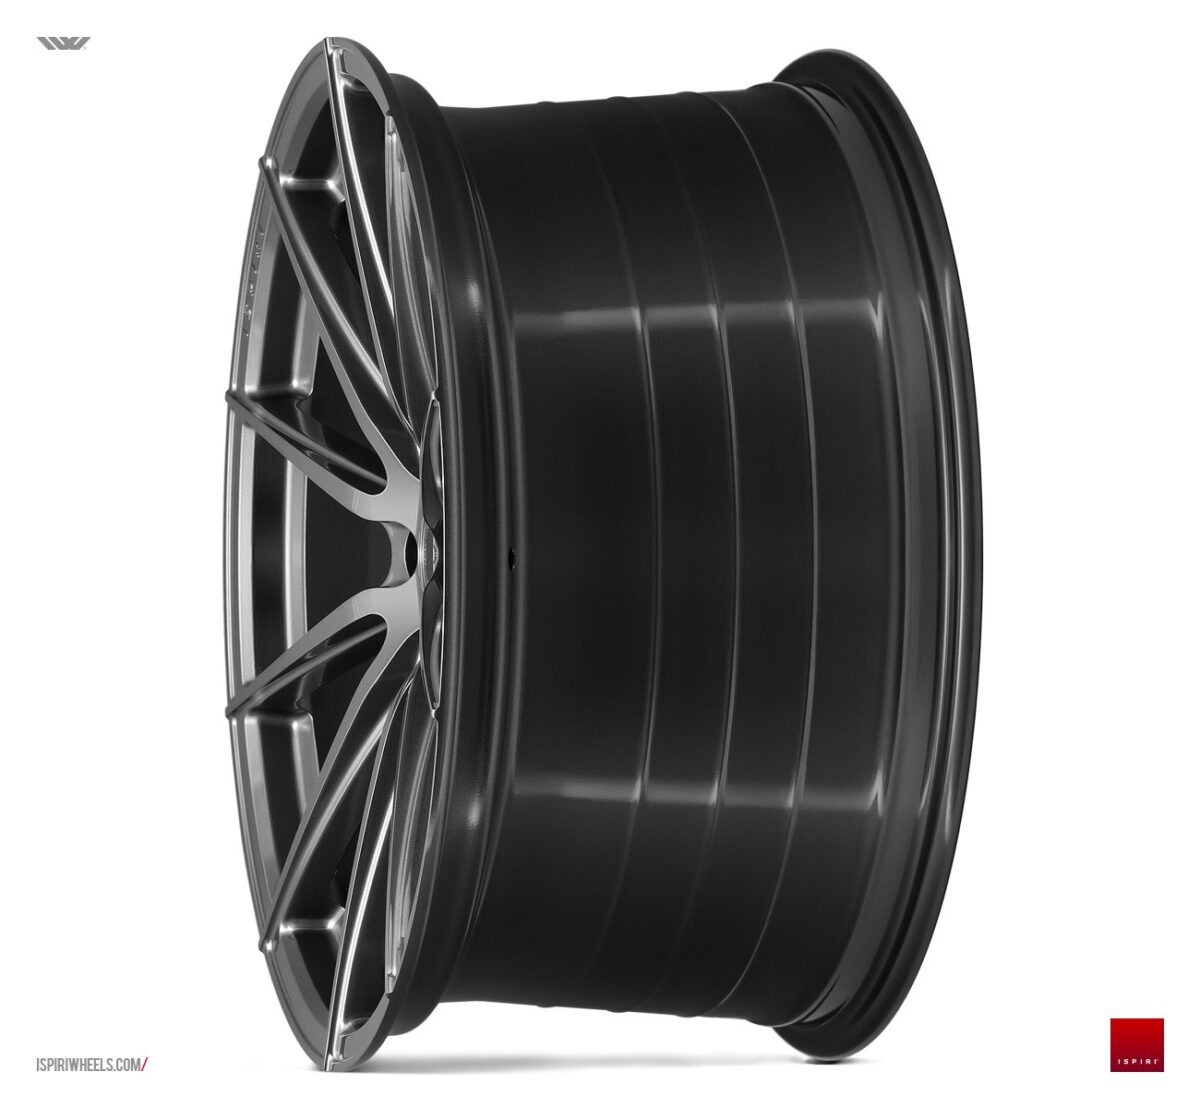 """19"""" Staggered ISPIRI FFR1 Wheels - Carbon Graphite - E90 / E91 / E92 / E93 / F10 / F30"""